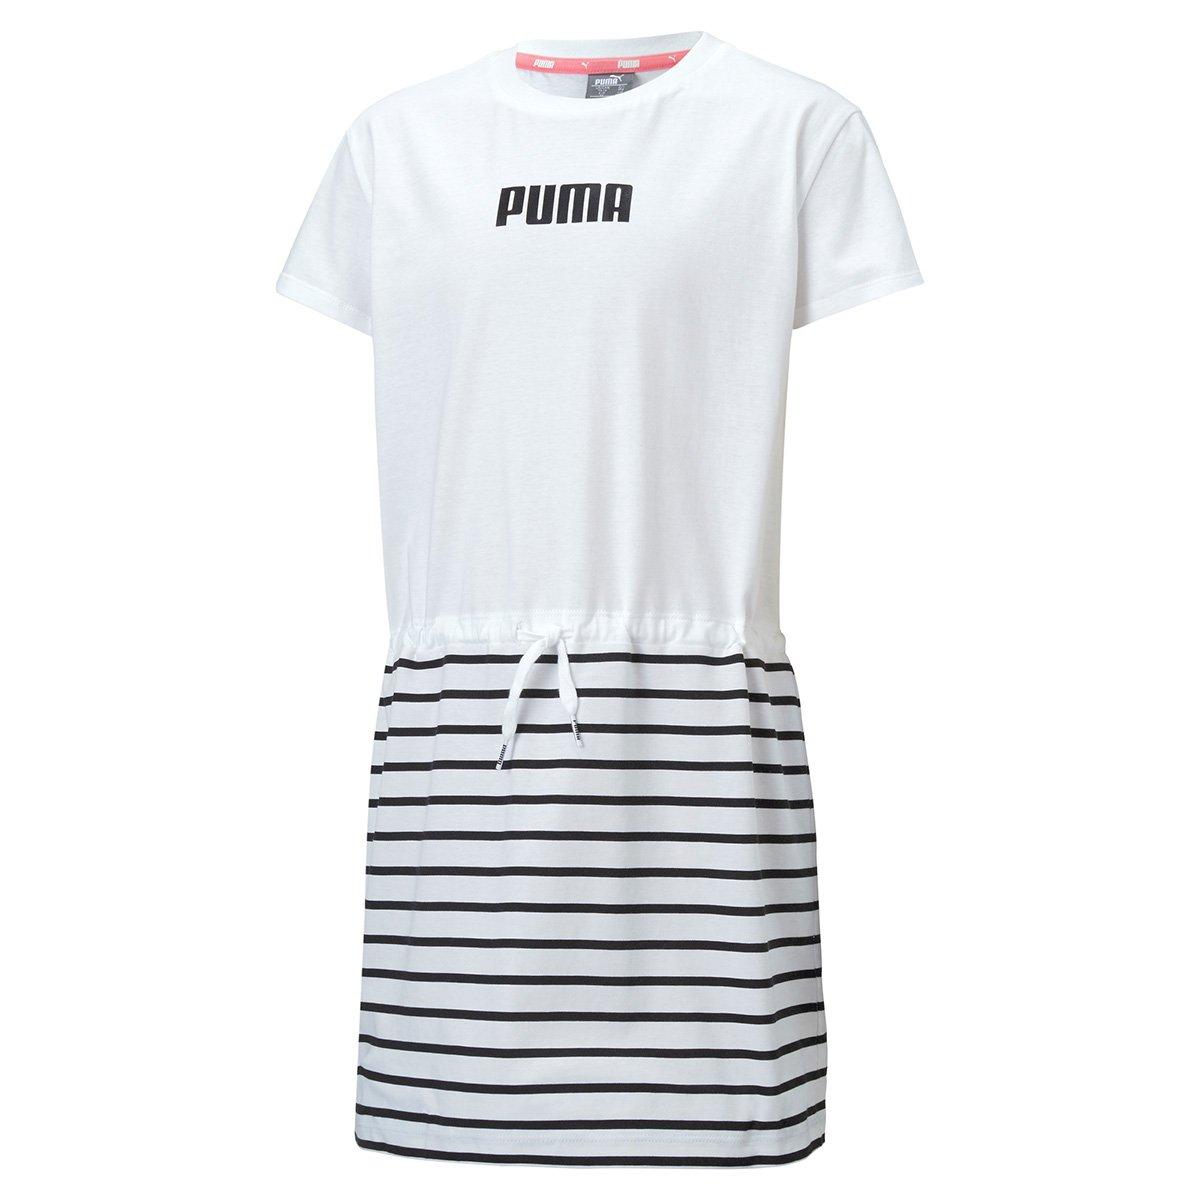 Vestido Infantil Puma Curto Alpha Dress